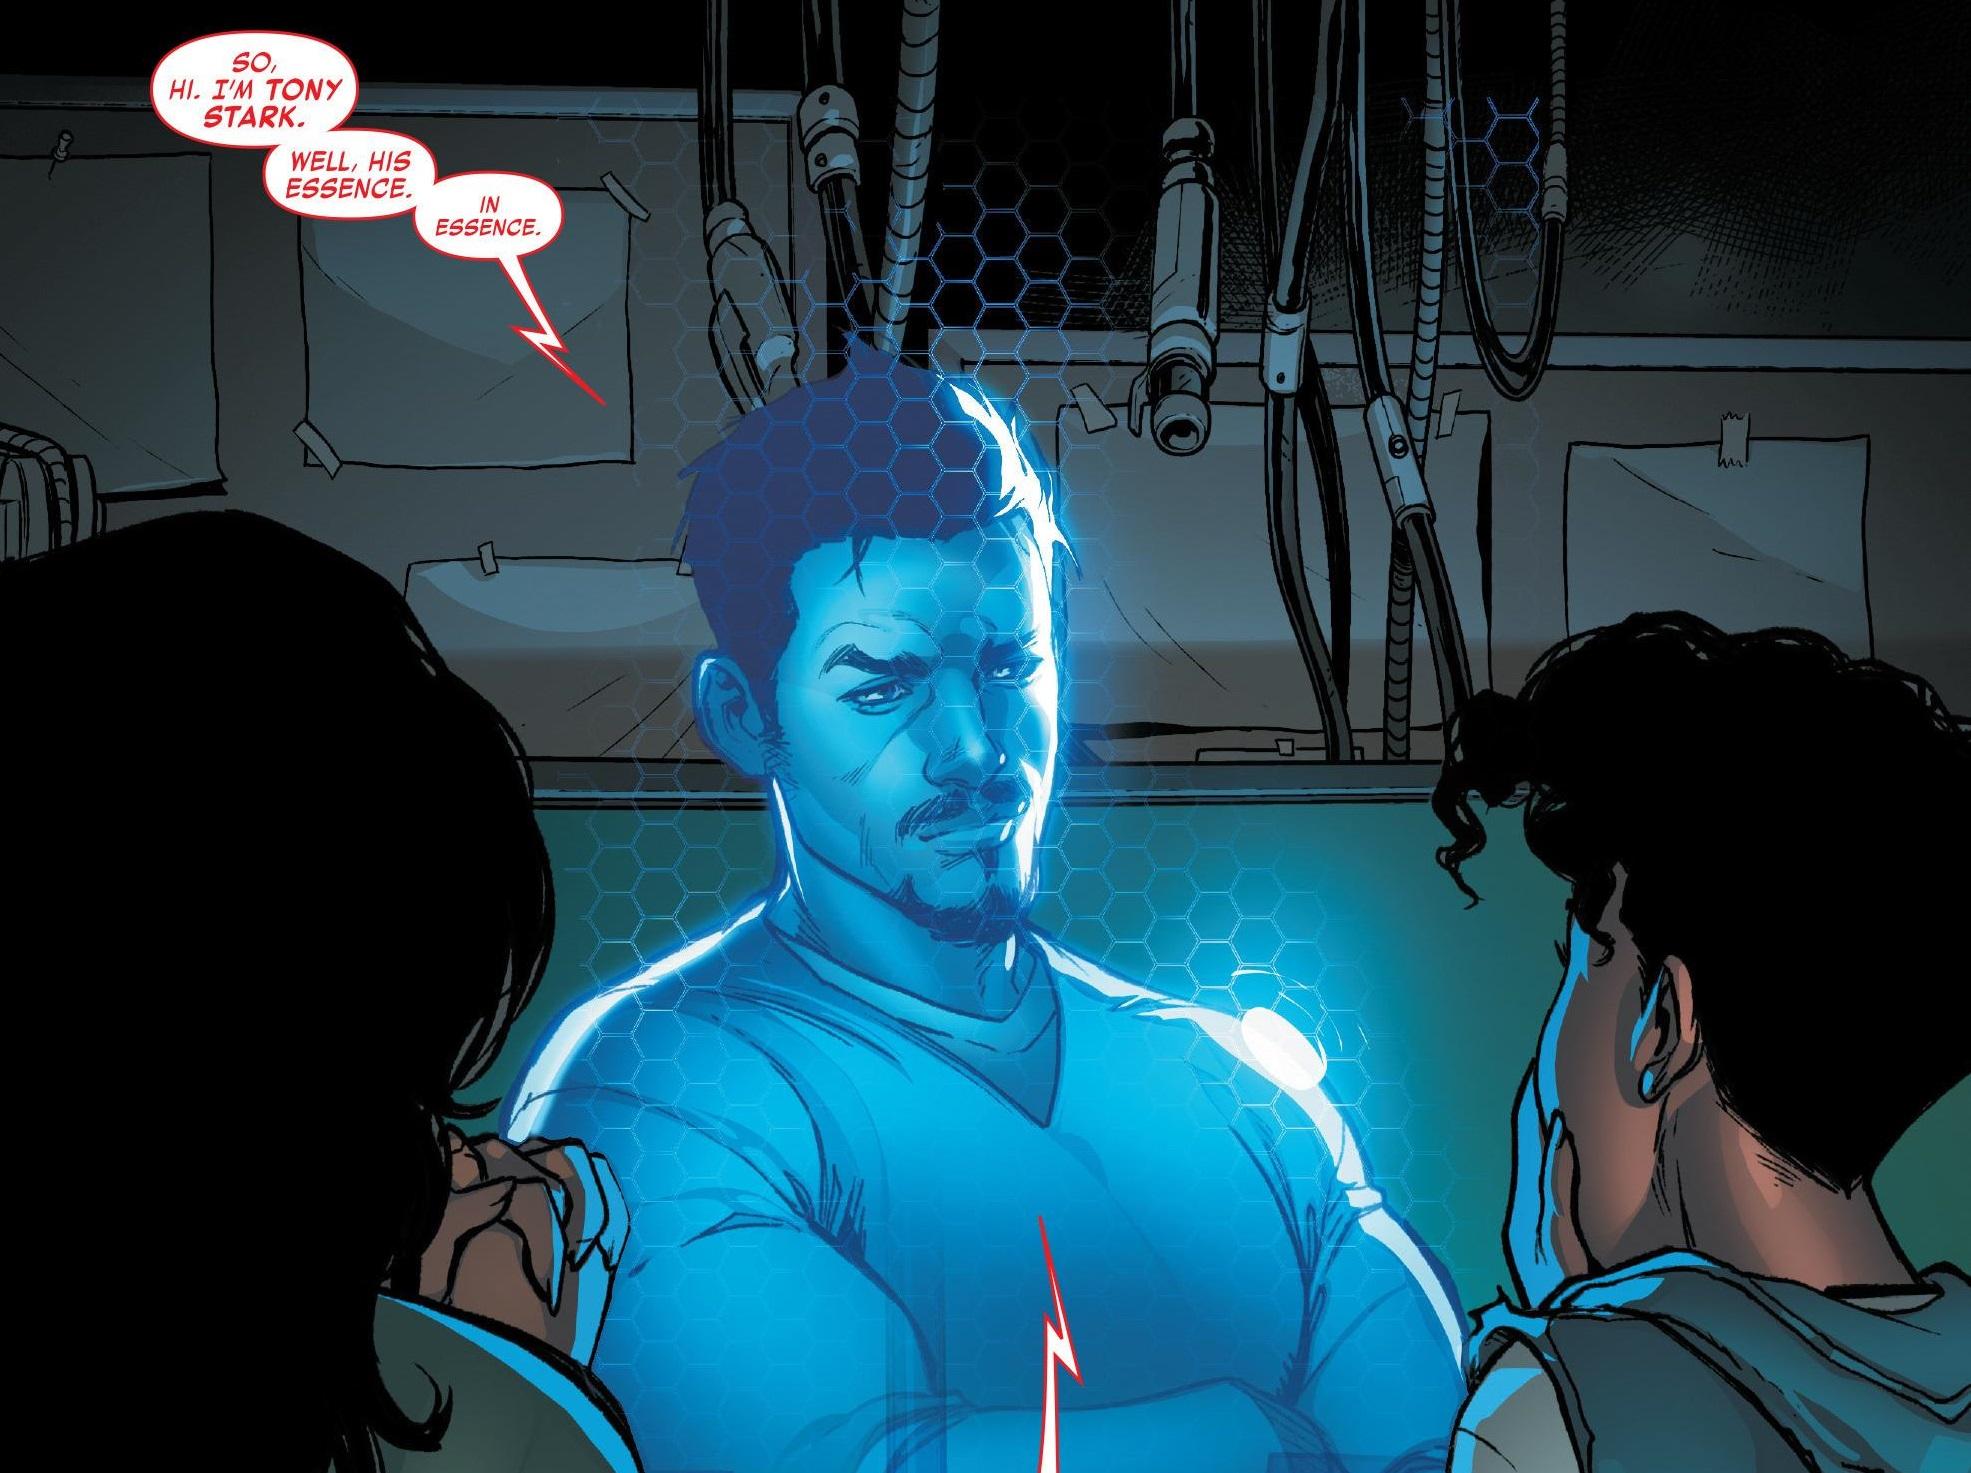 Théorie Marvel : Et si Tony Stark était encore vivant ?